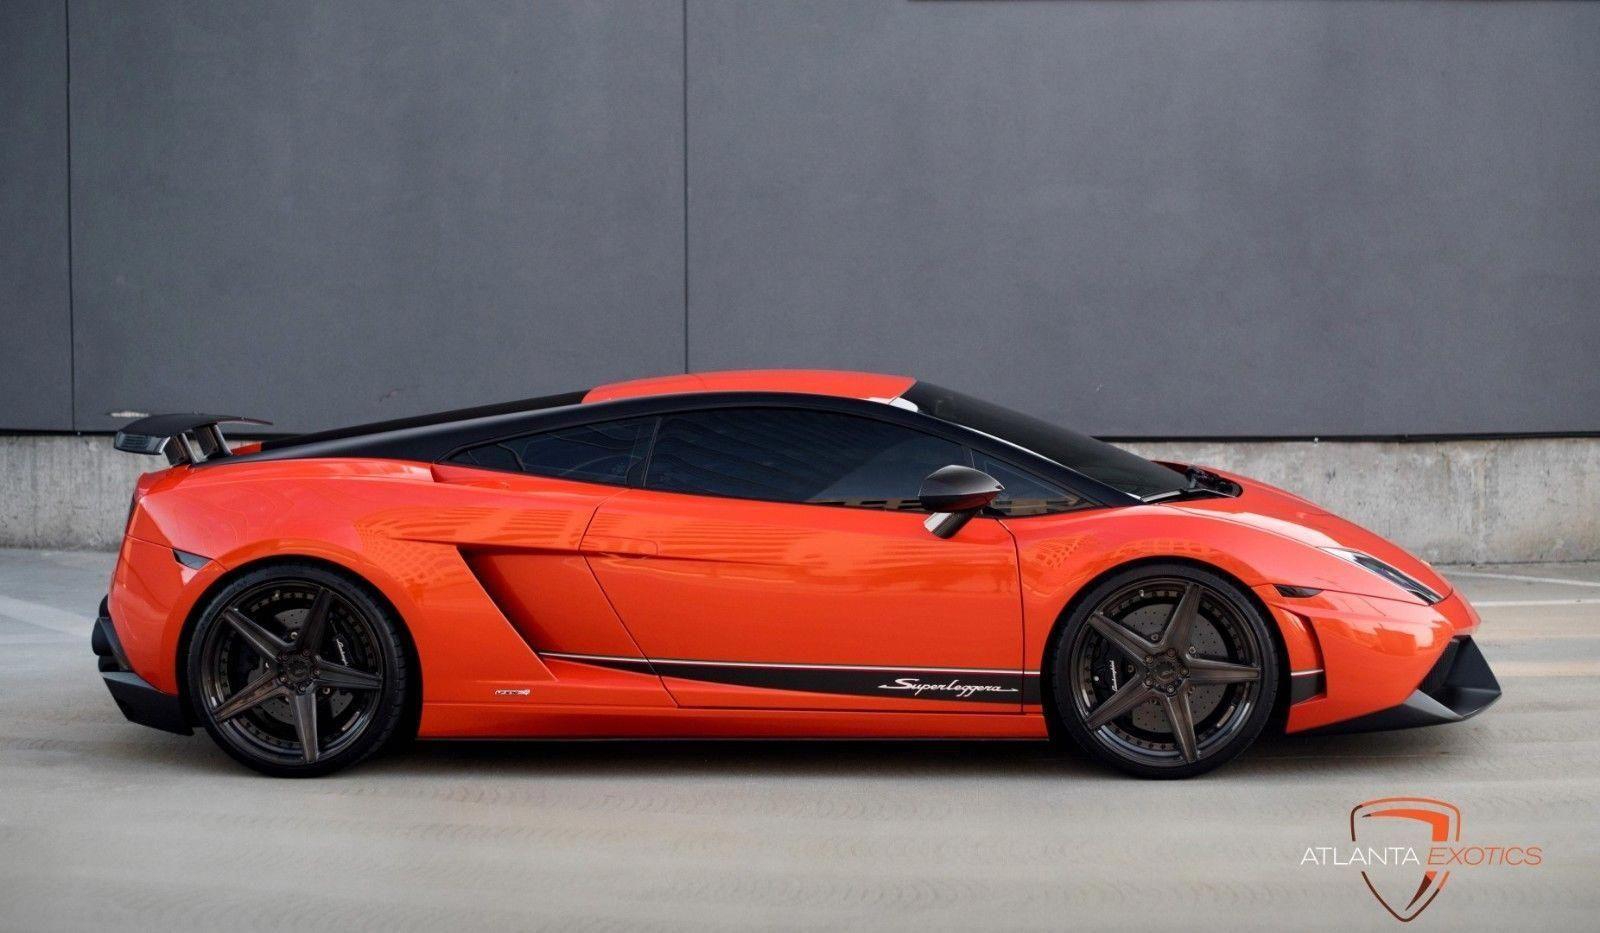 2013 Lamborghini Gallardo Superleggera Lp570 4 Edizione Technica